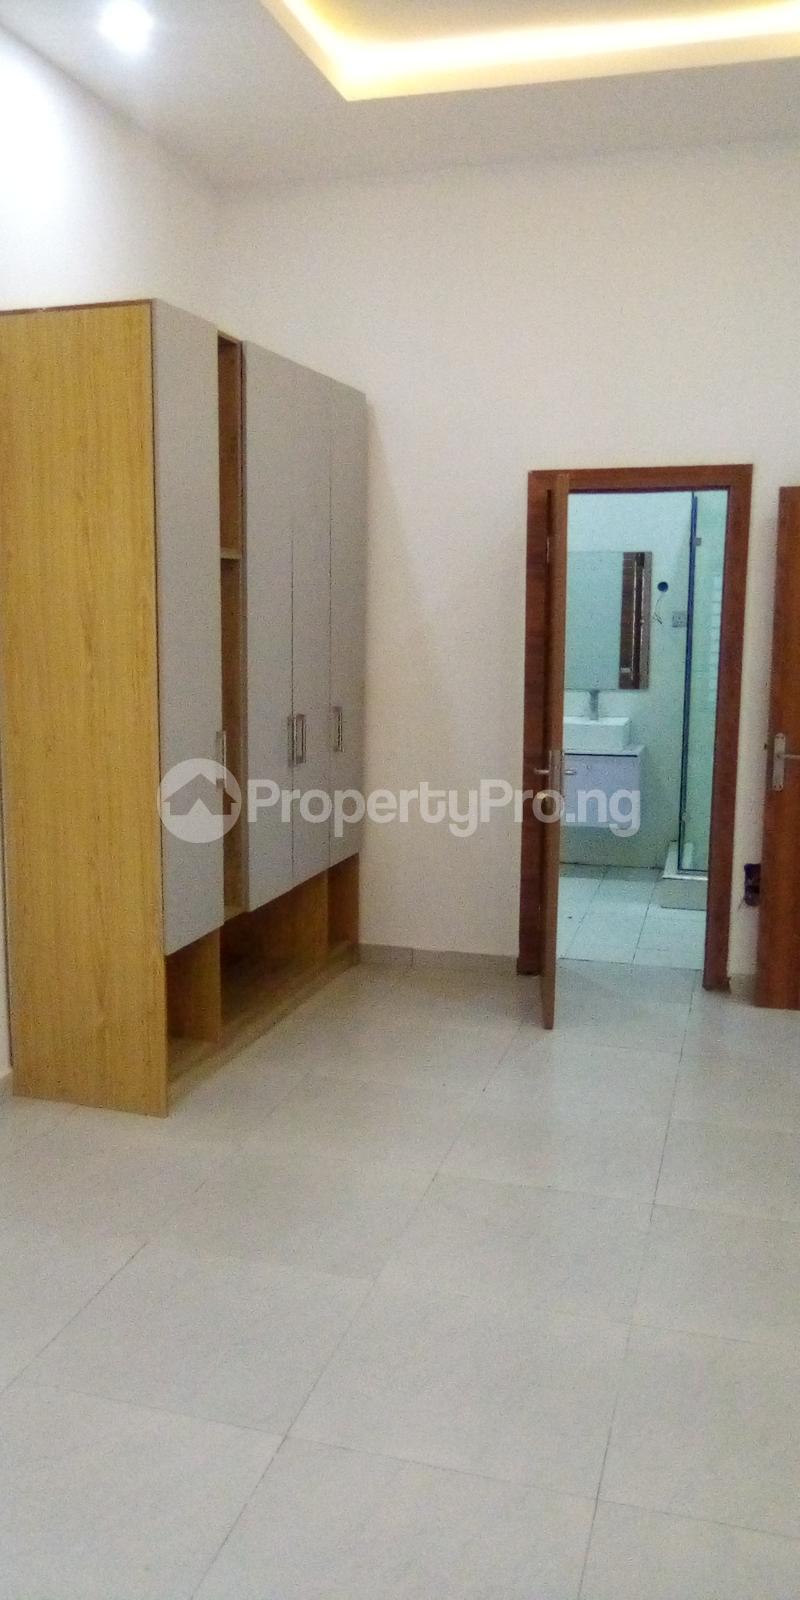 4 bedroom Terraced Duplex for rent Agungi Estate Agungi Lekki Lagos - 6